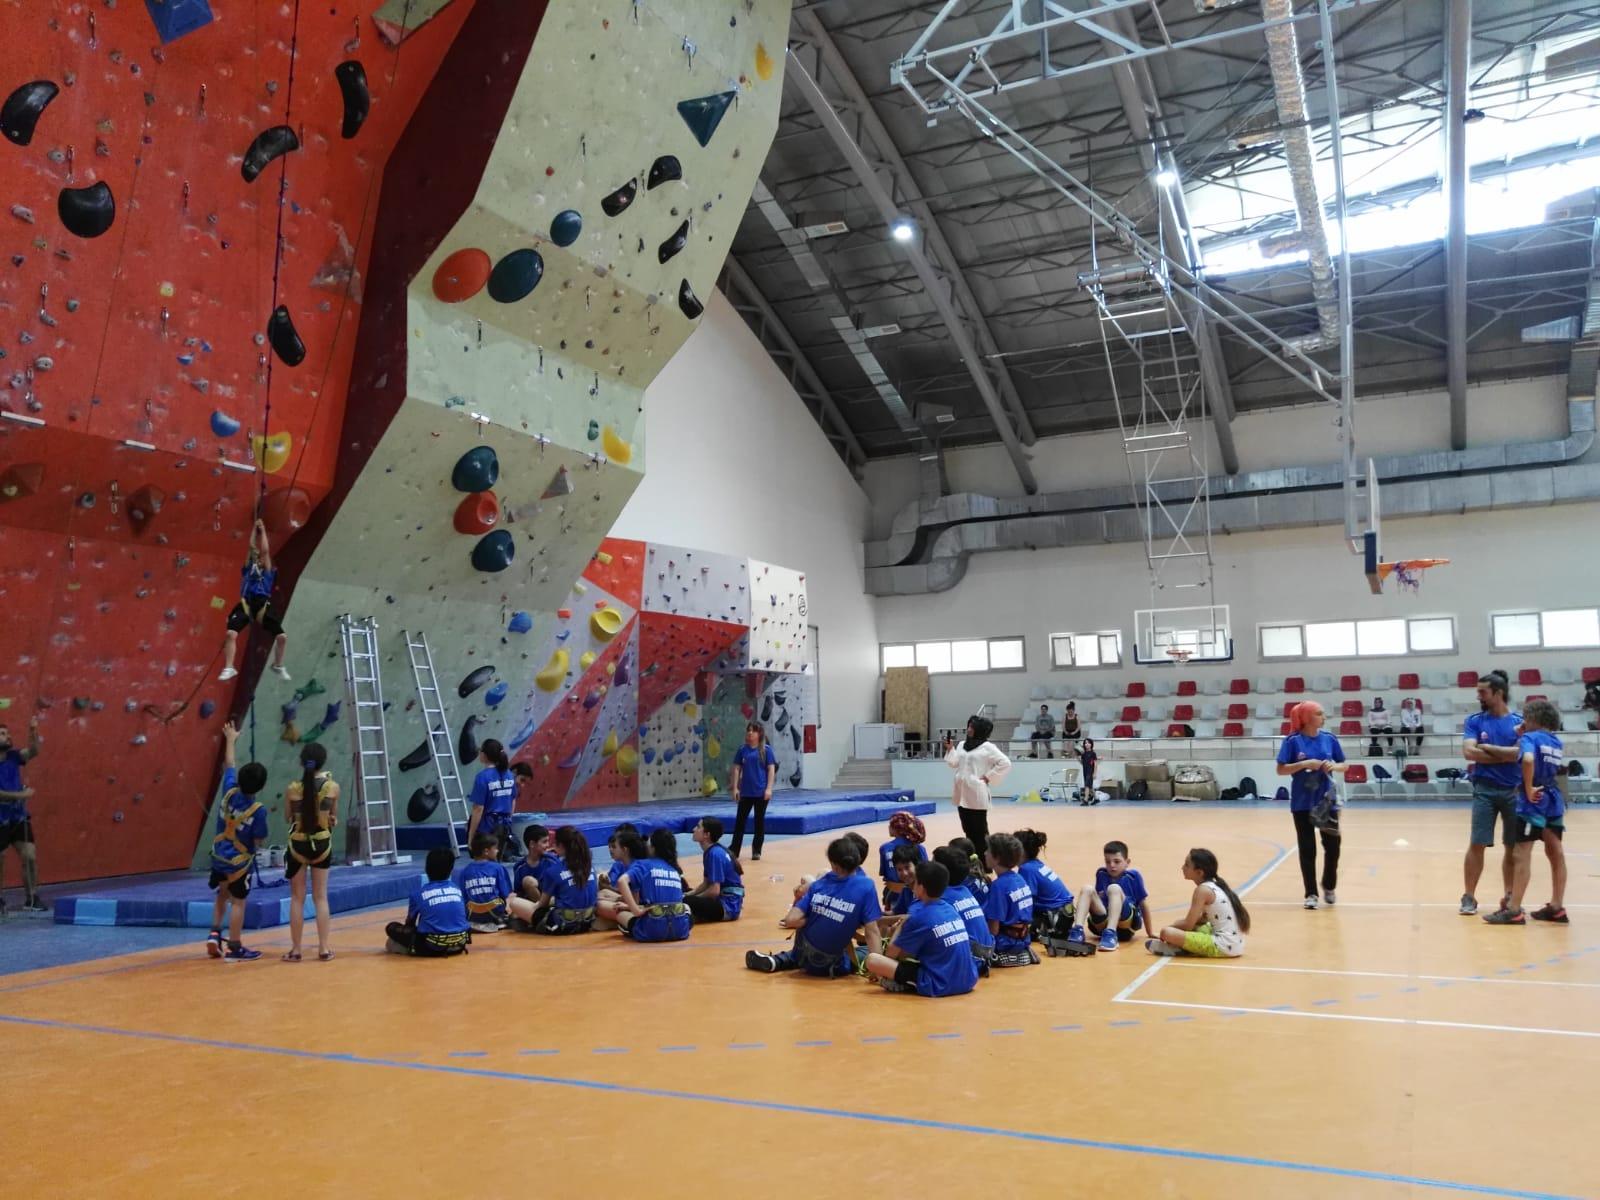 Spor Tırmanış İleri Seviye Eğitimi - Bitlis Katılımcı Listesi